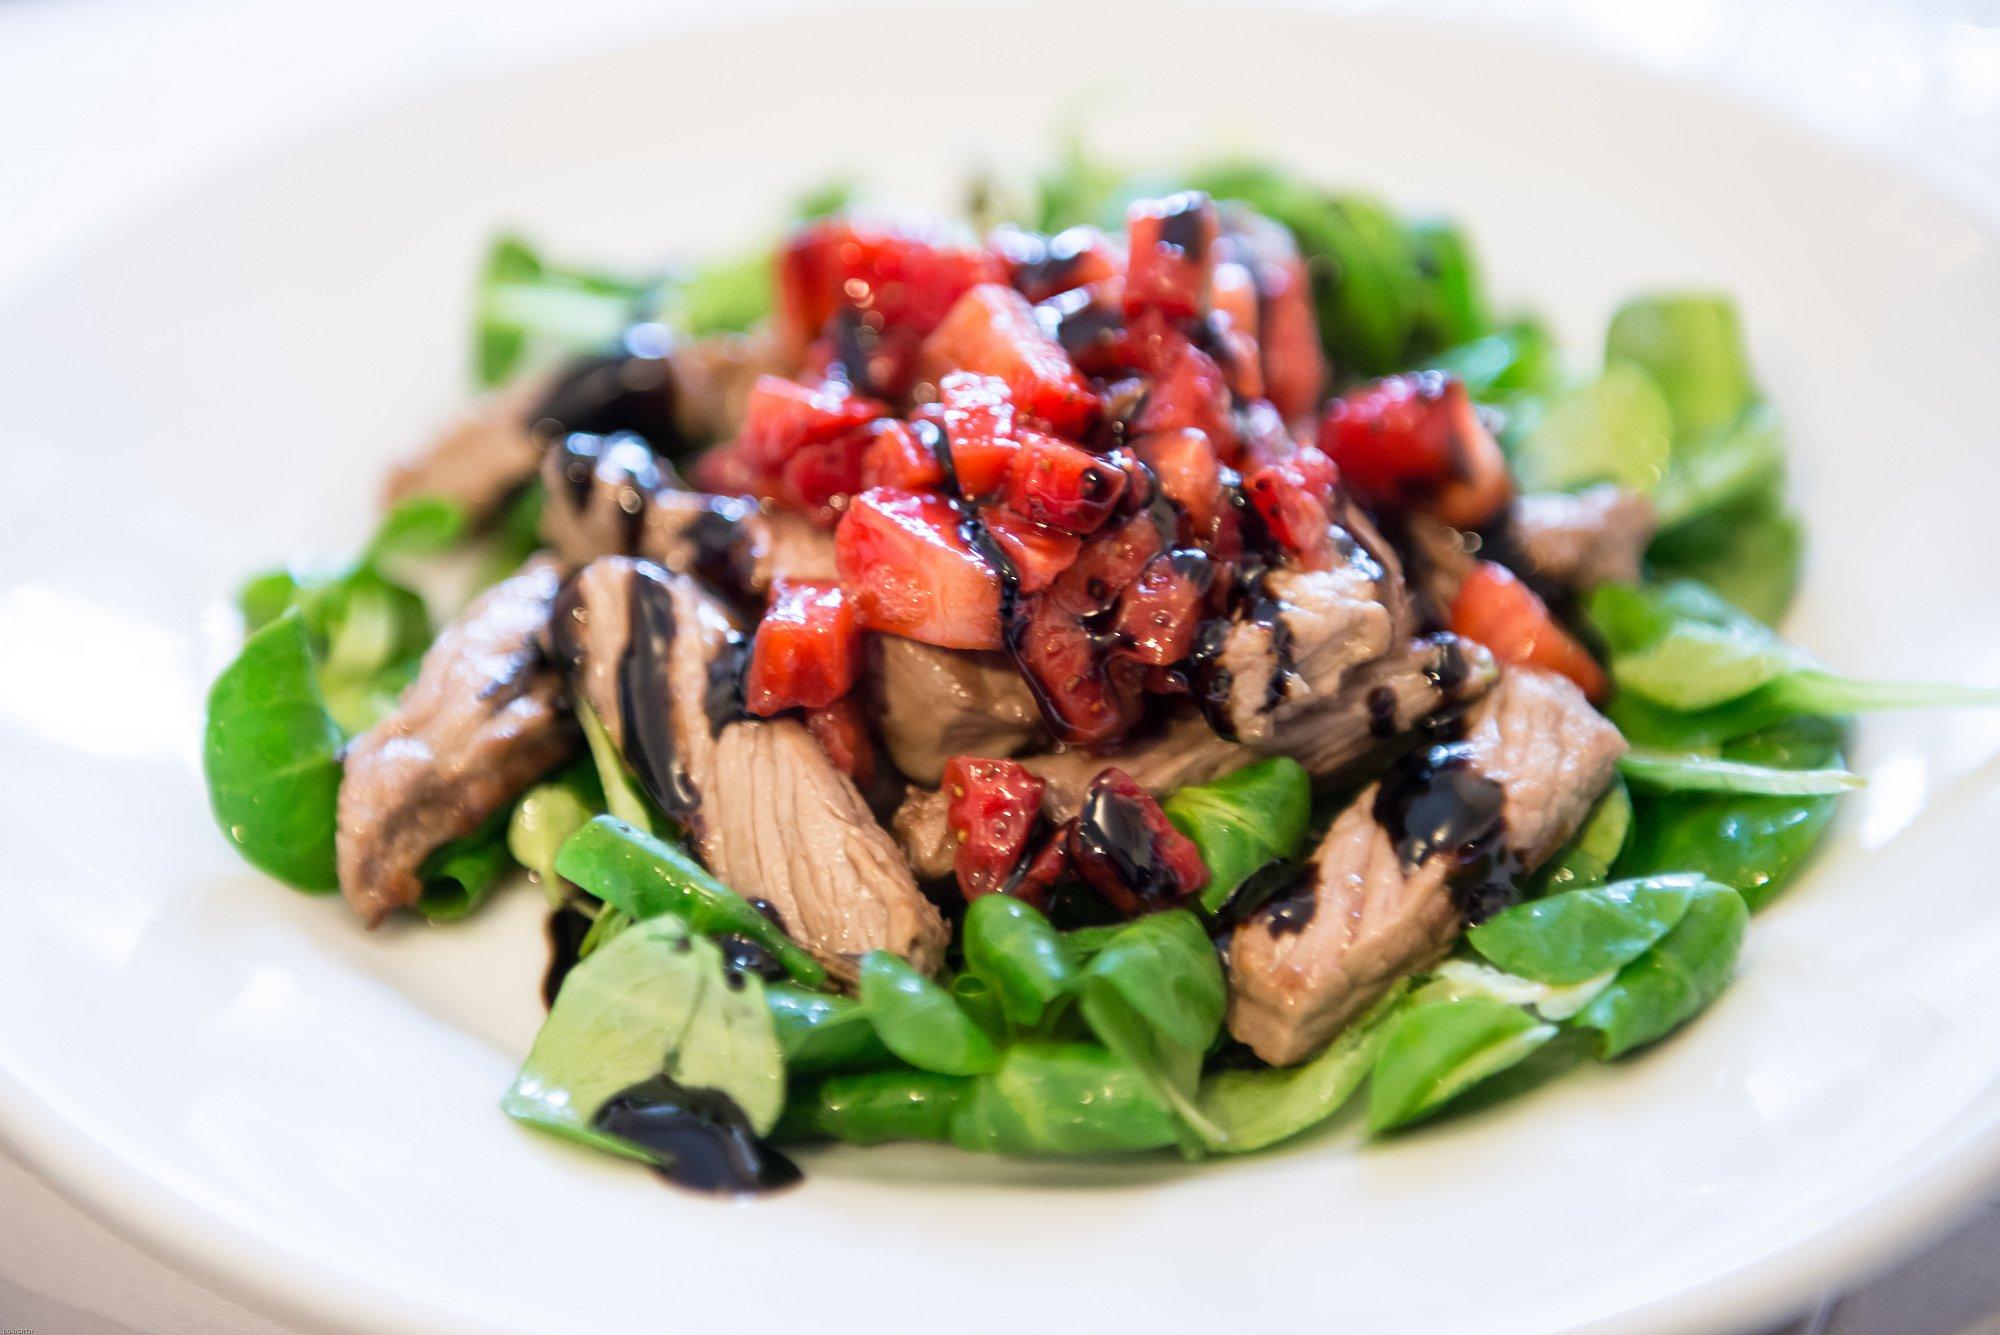 FRAGOLE SULLA GRIGLIA: carne e fragole